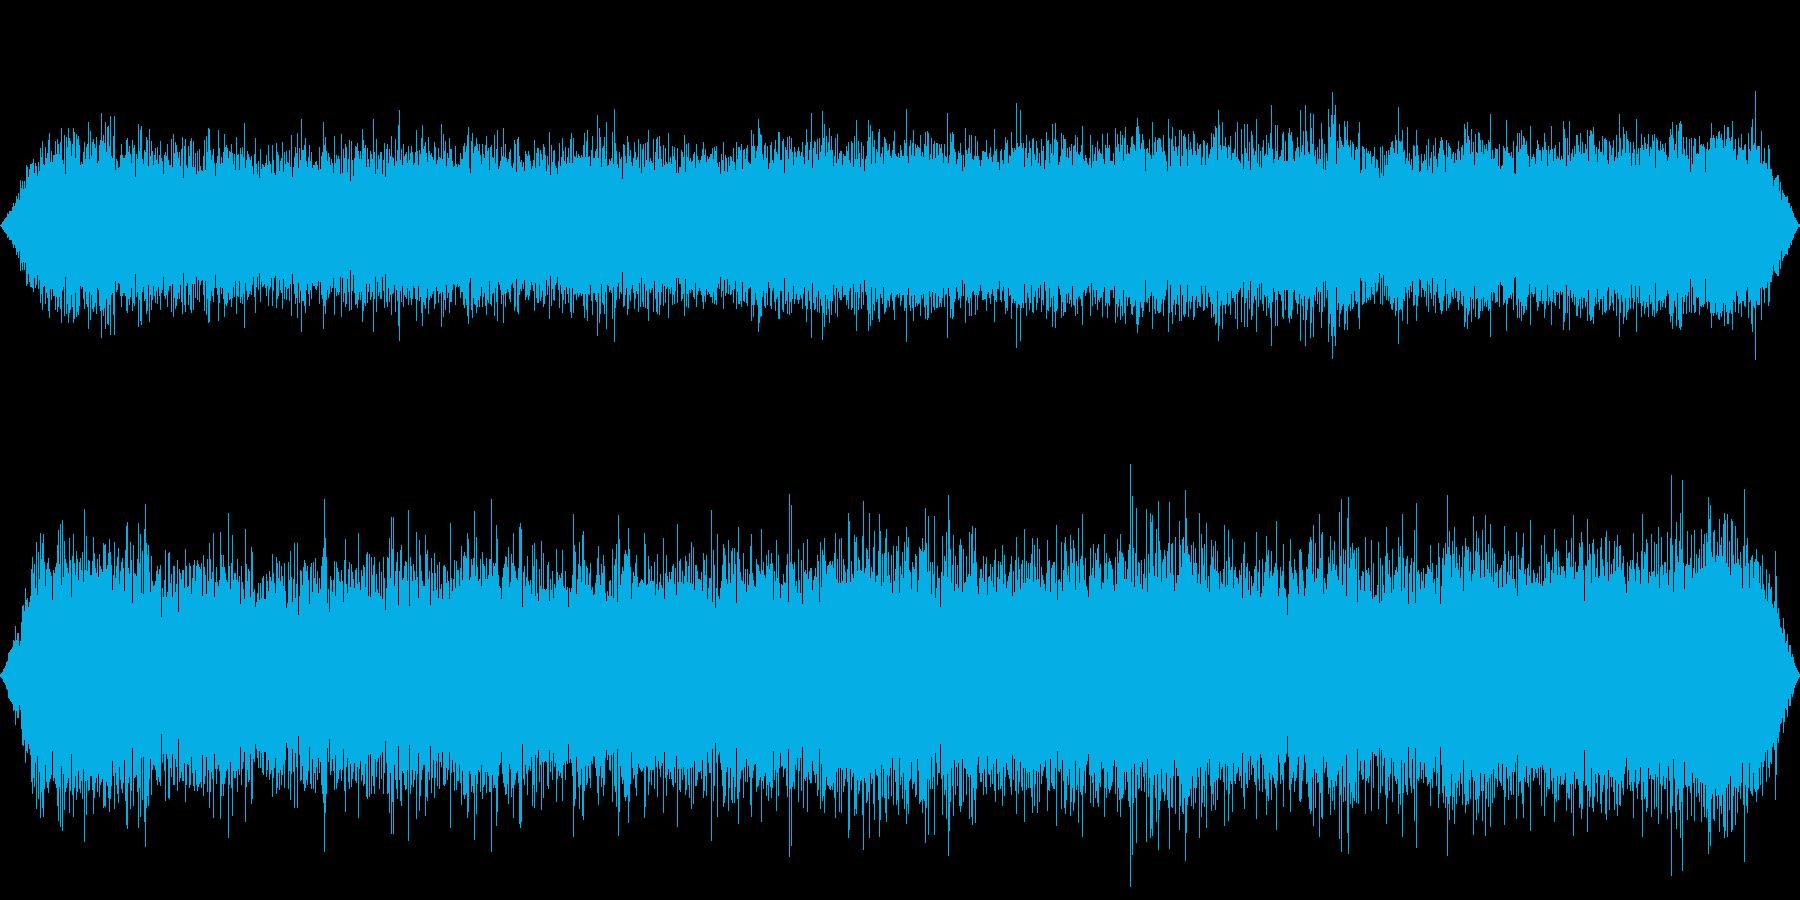 籾摺り機と乾燥機の音【お米】の再生済みの波形